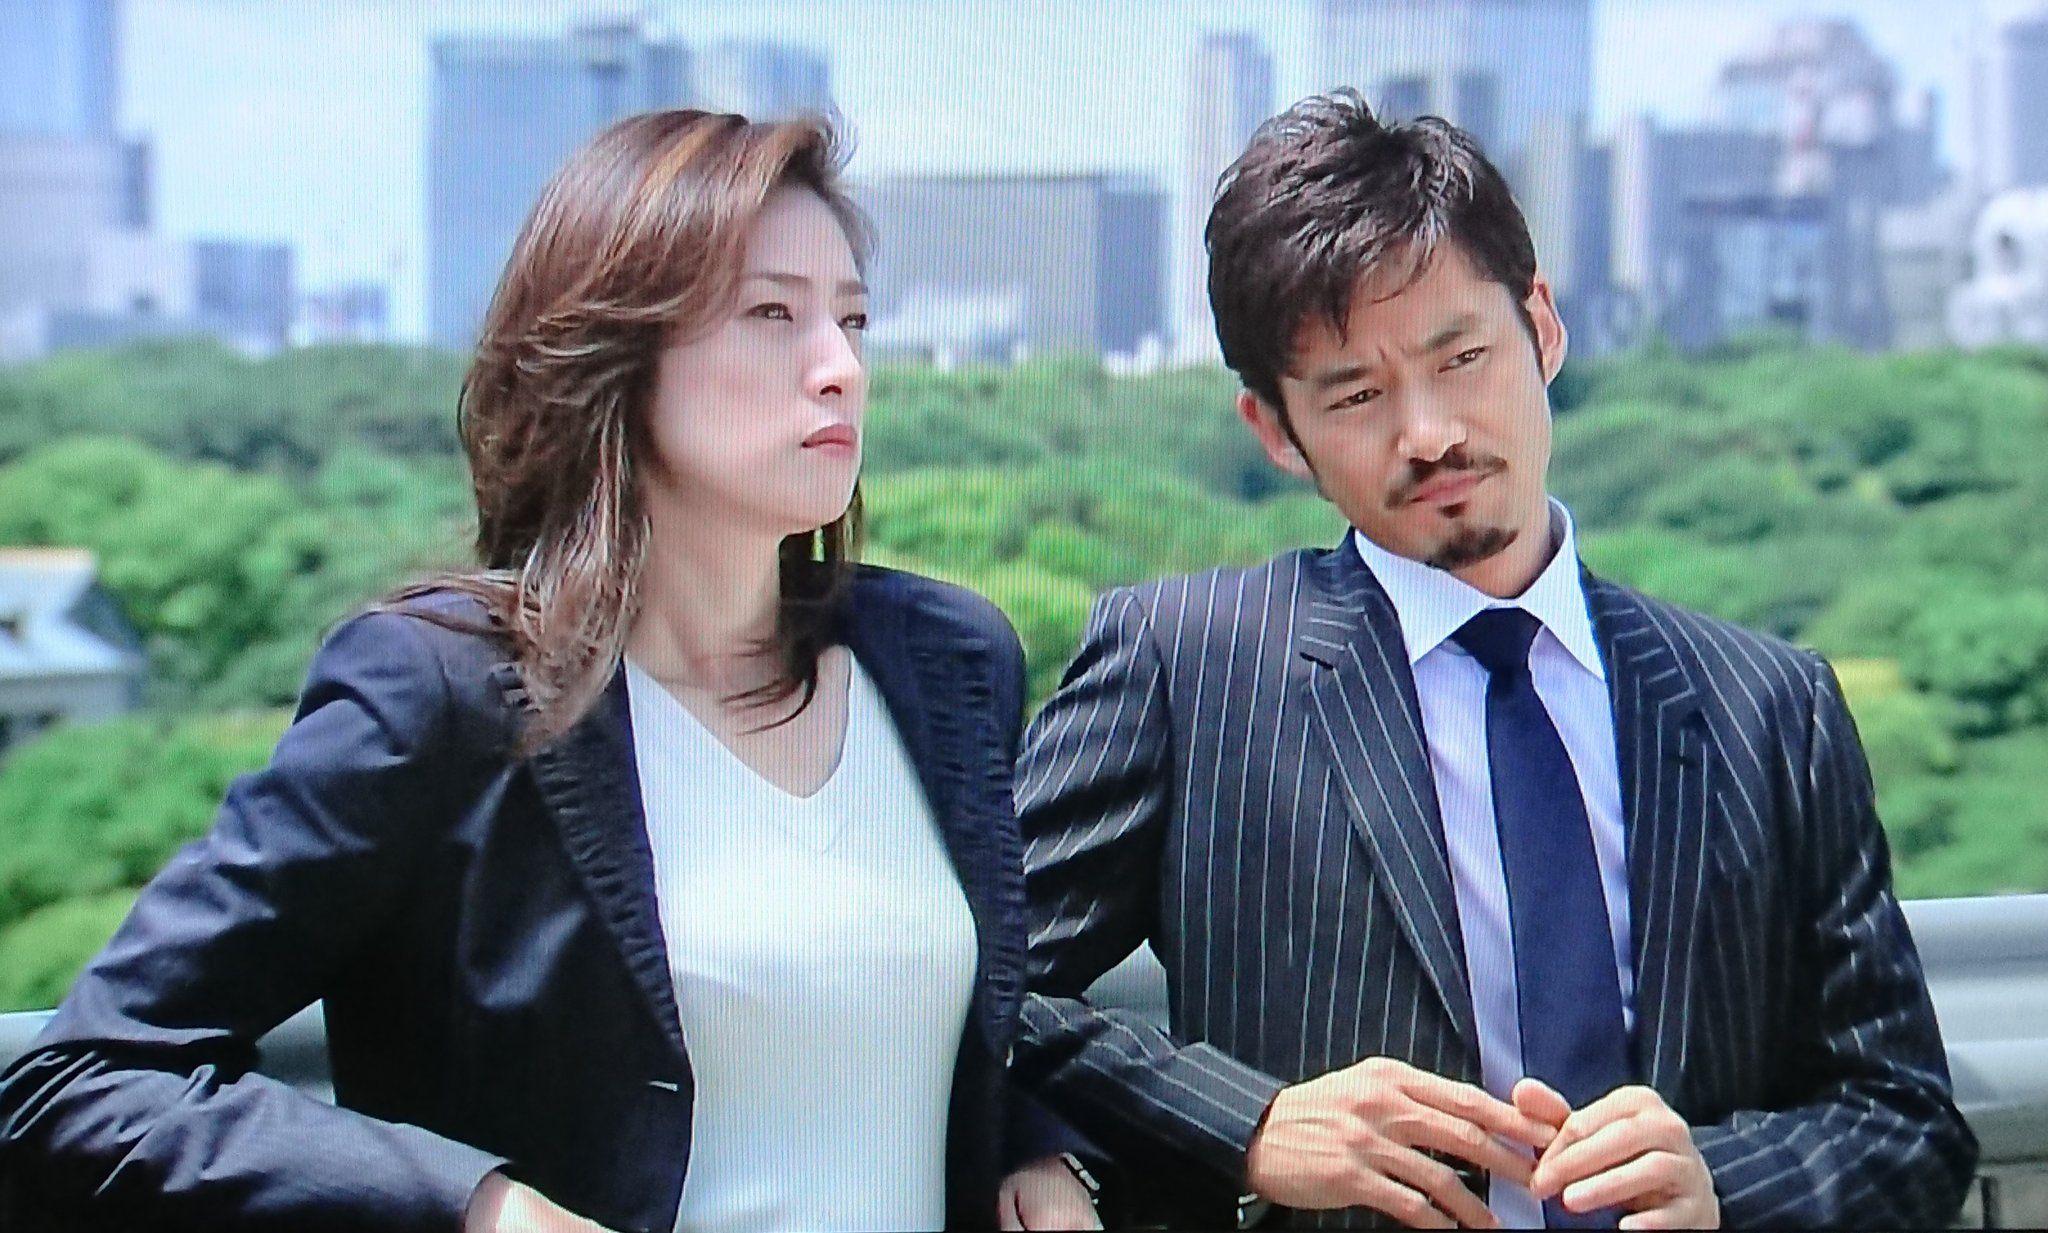 竹野内豊 & 天海祐希 - BOSS | 天海祐希, Boss ドラマ, 天海祐希 宝塚